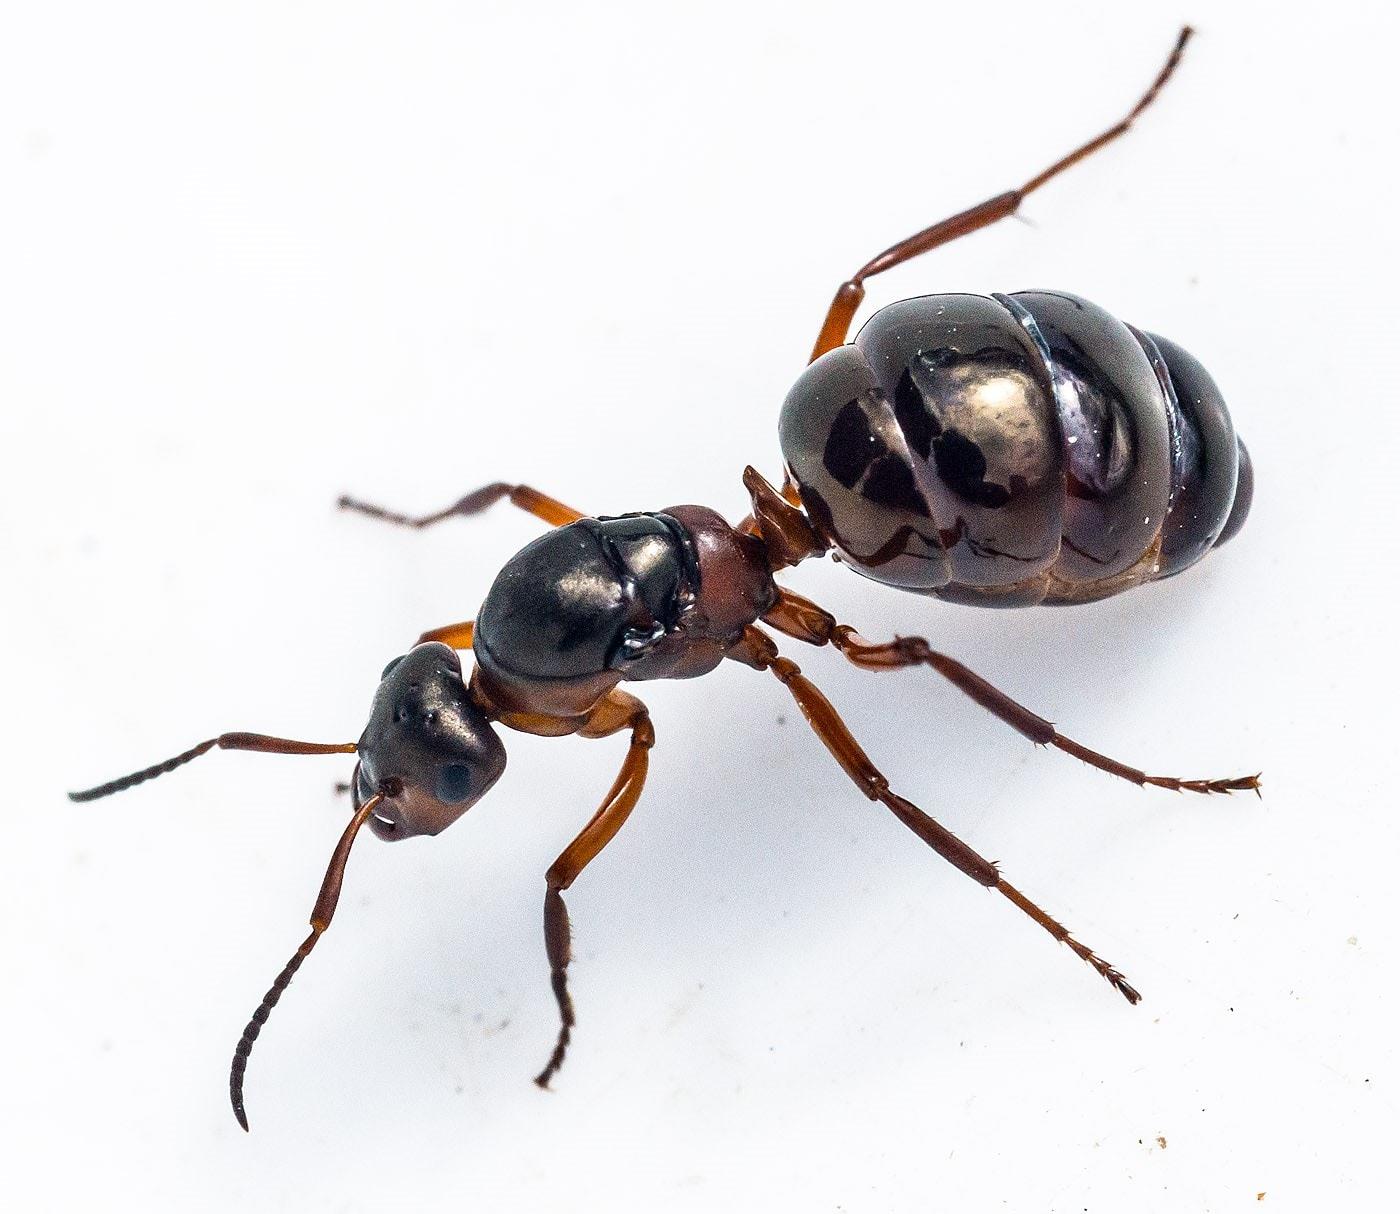 Hos skovmyrerne er dronningen koloniens æglægningsorgan. Hun er både det hunlige og hanlige kønsorgan i superorganismen, fordi hun gemmer hanners sæd i årevis i en specialdesignet kirtel. (Foto: Jens Henrik Petersen)